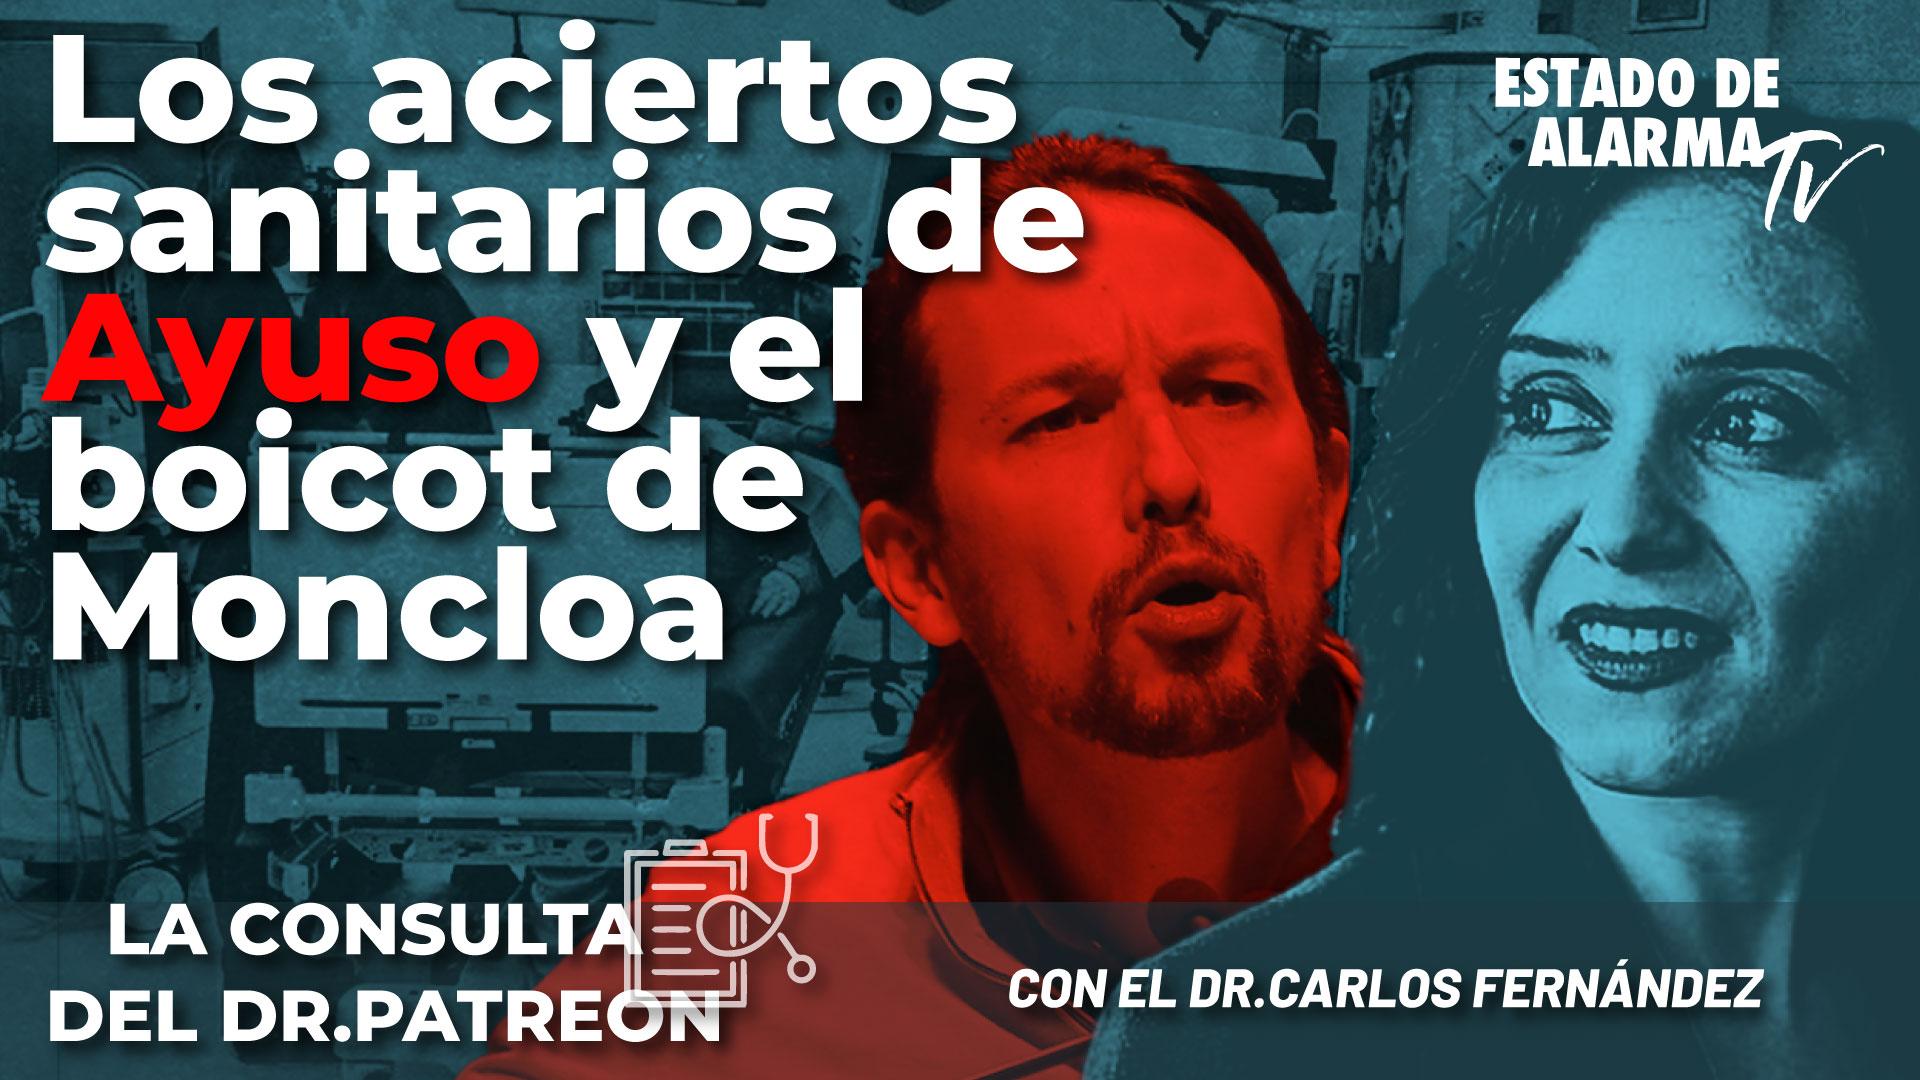 La Consulta del Dr. Patreon: Los aciertos sanitarios de Ayuso y el boicot de Moncloa; Directo con el Dr. Carlos Fernández